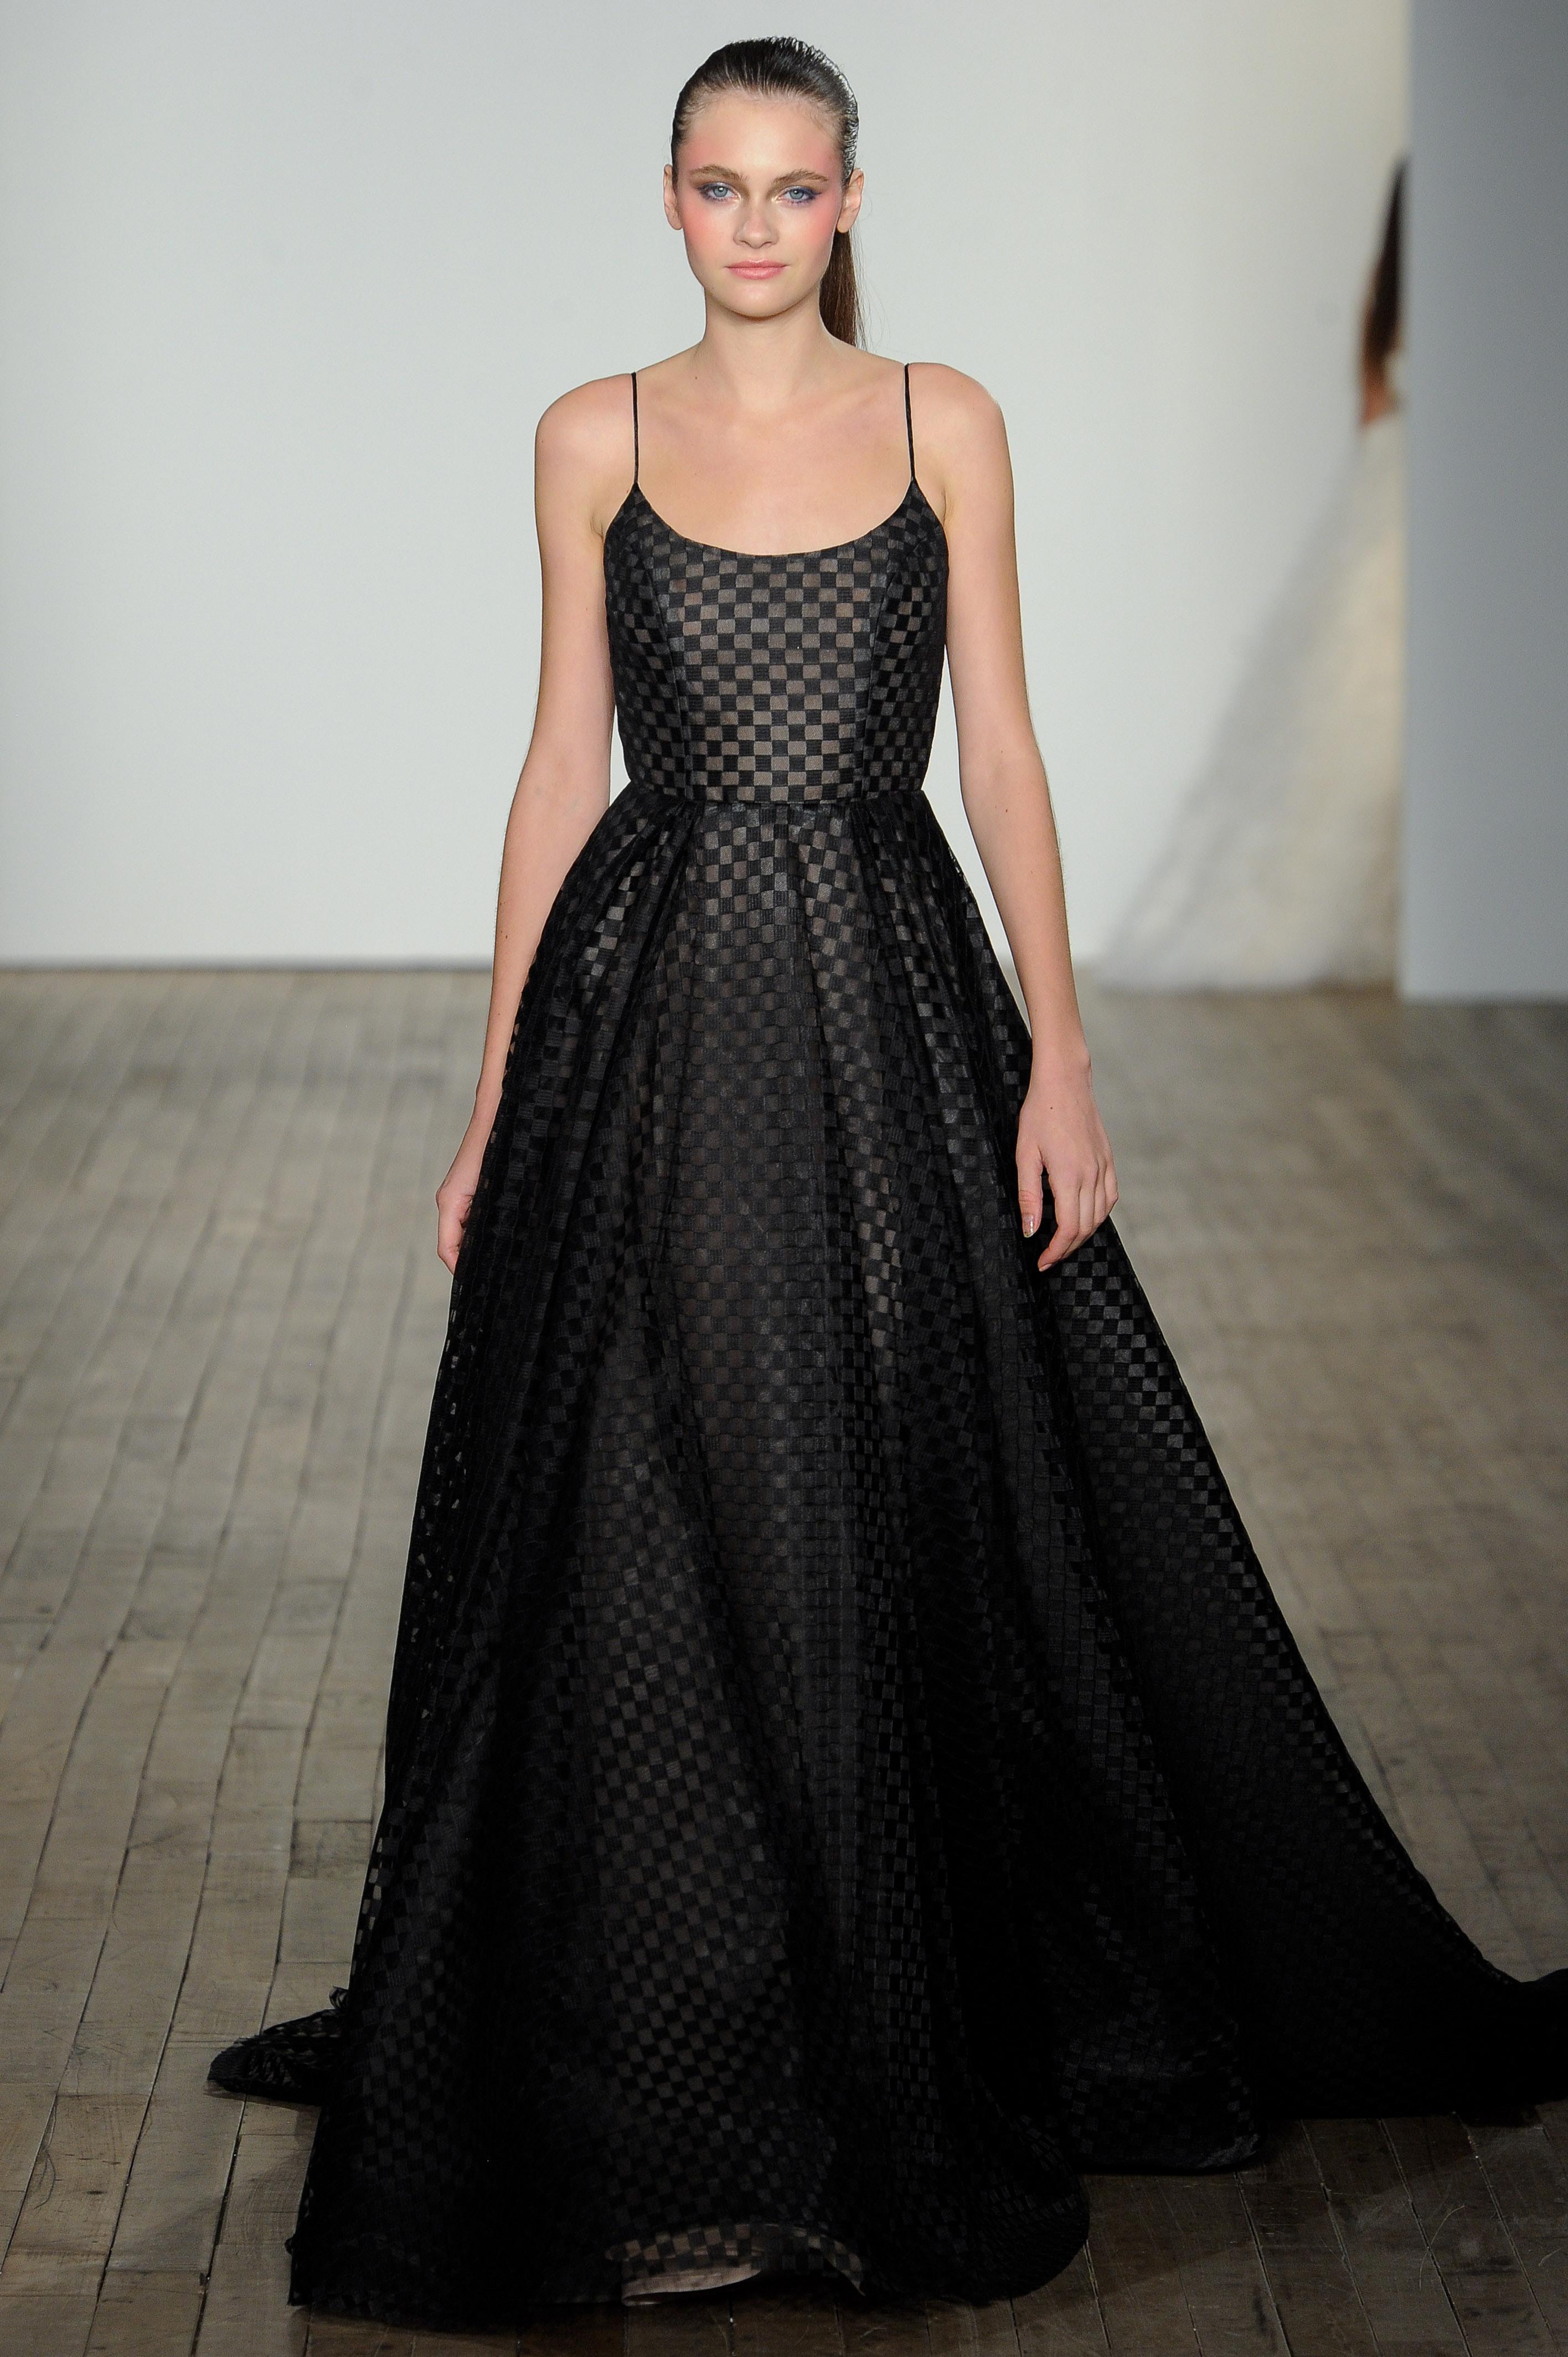 Black Wedding Gown.Chic Black Wedding Dress For The Edgy Bride Martha Stewart Weddings